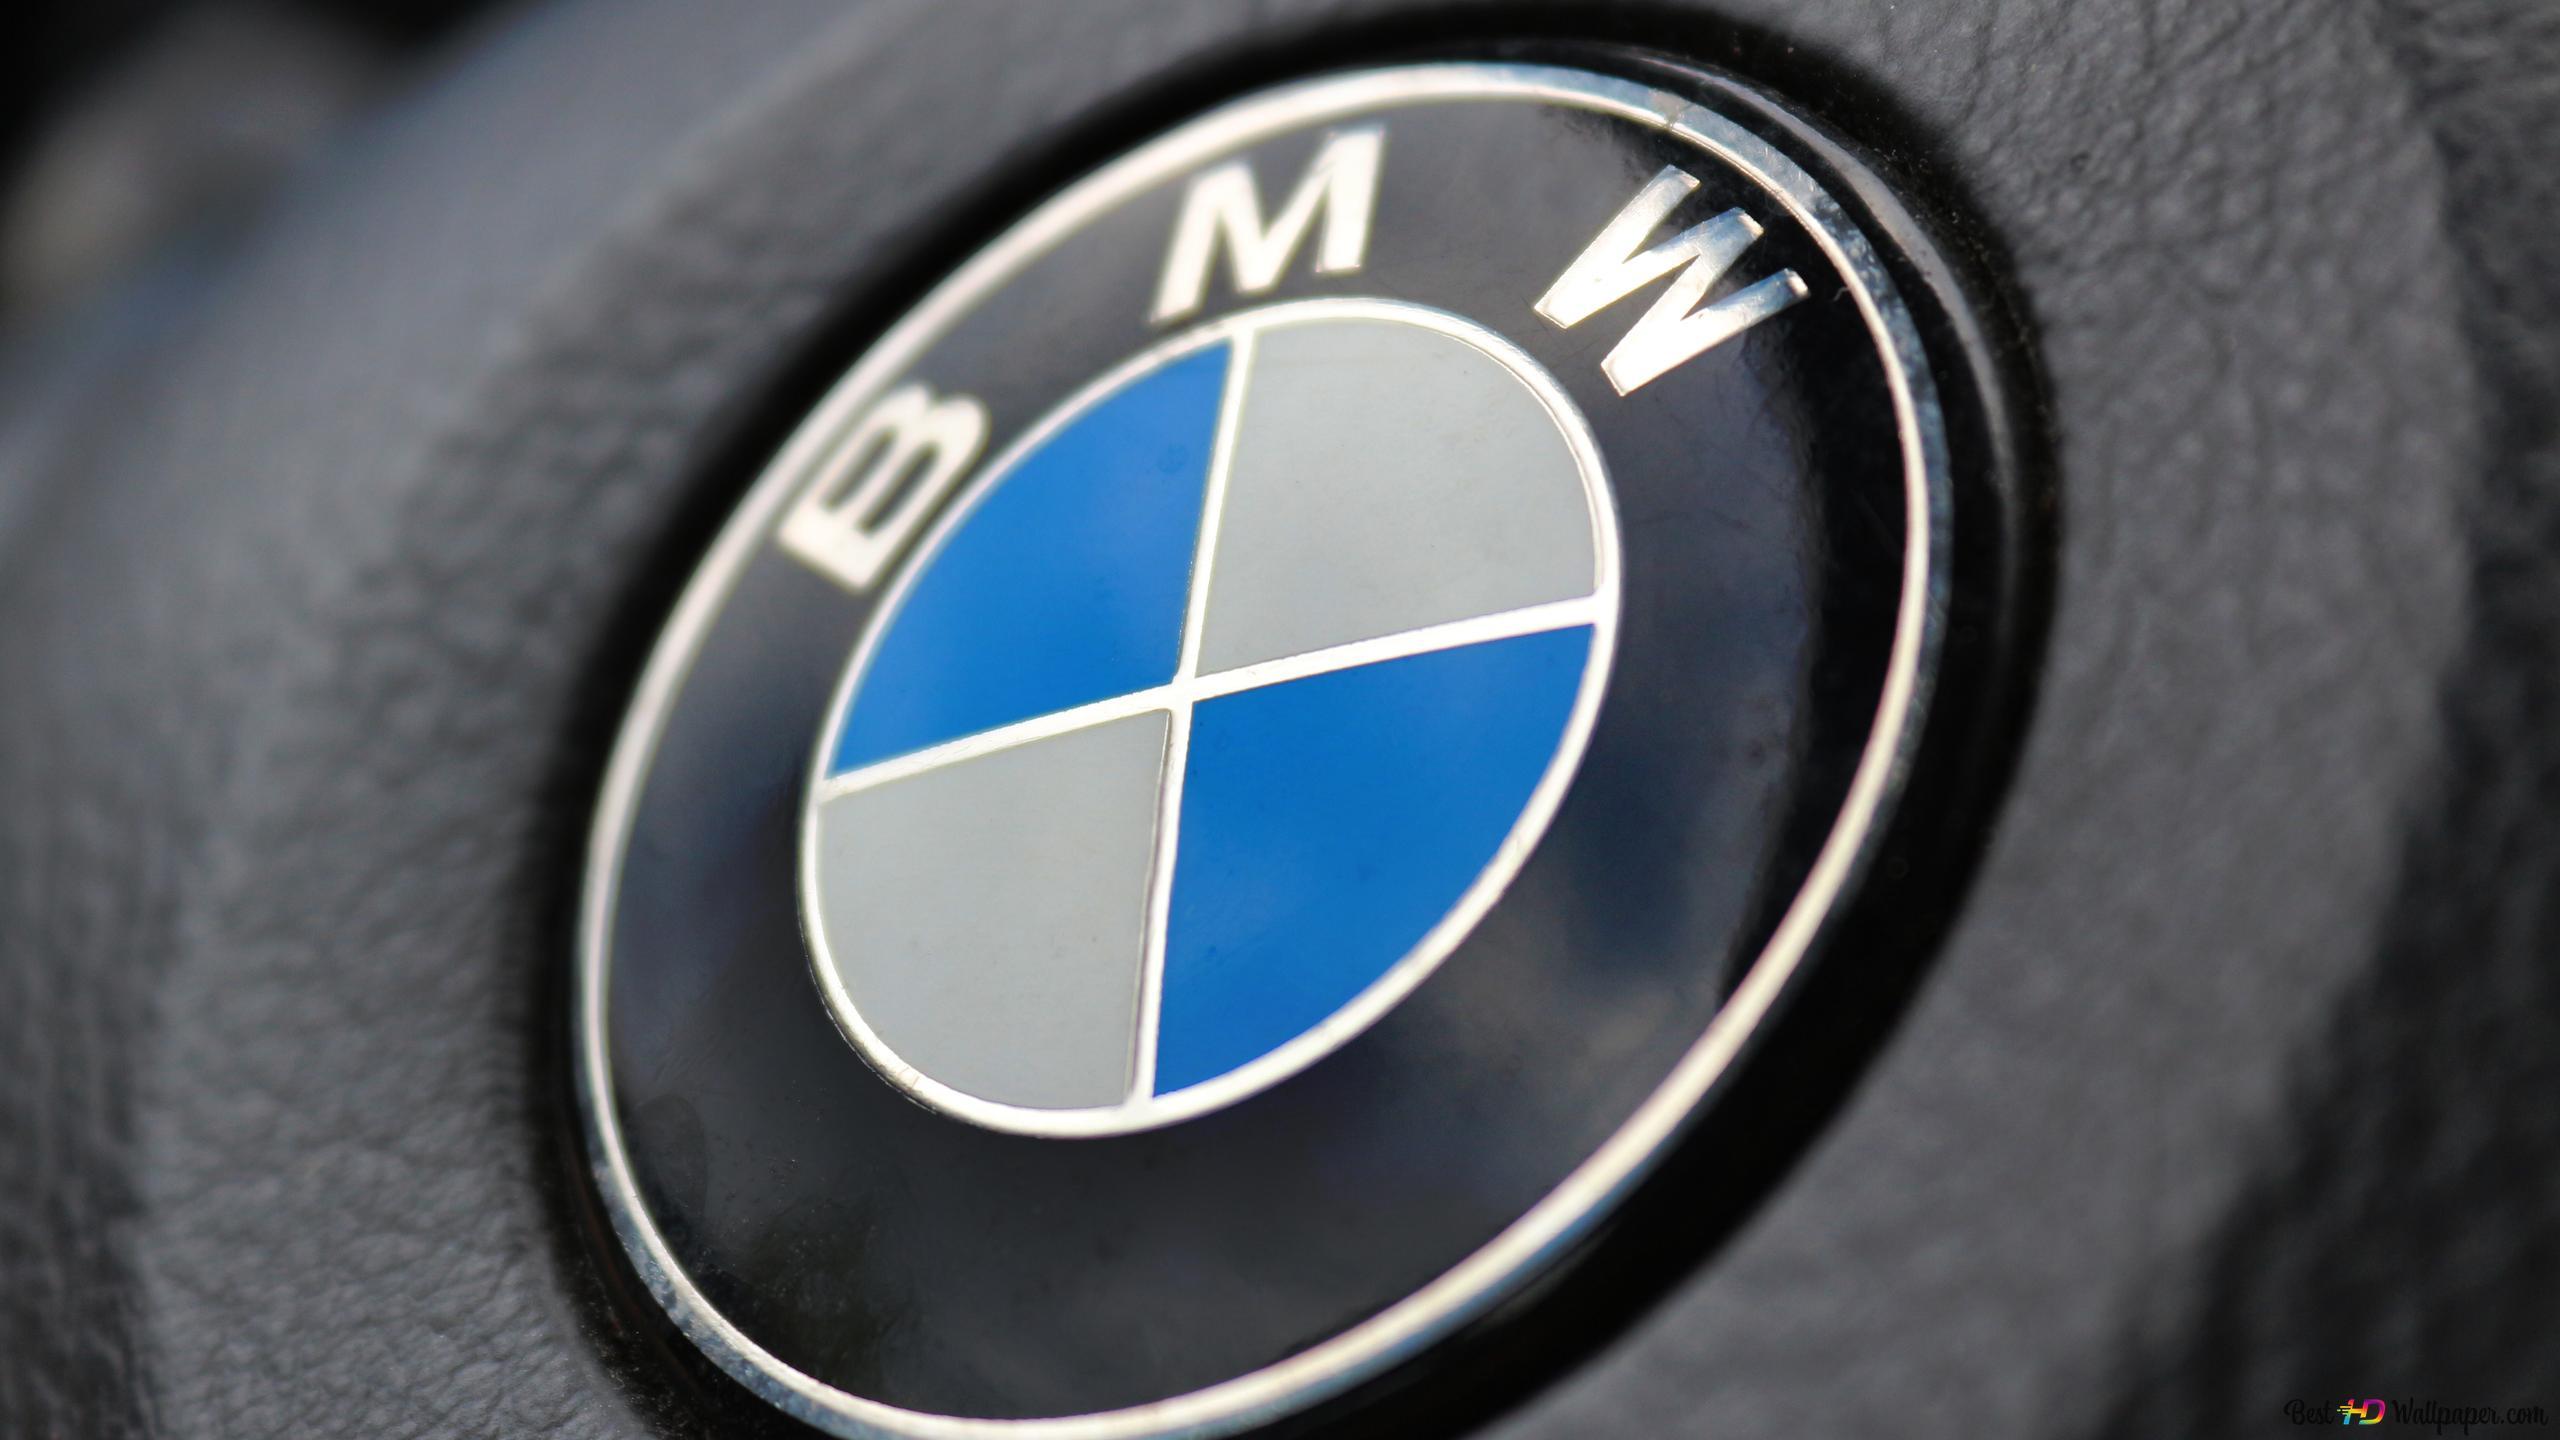 Bmw Logo Wallpaper Hd 2560x1440